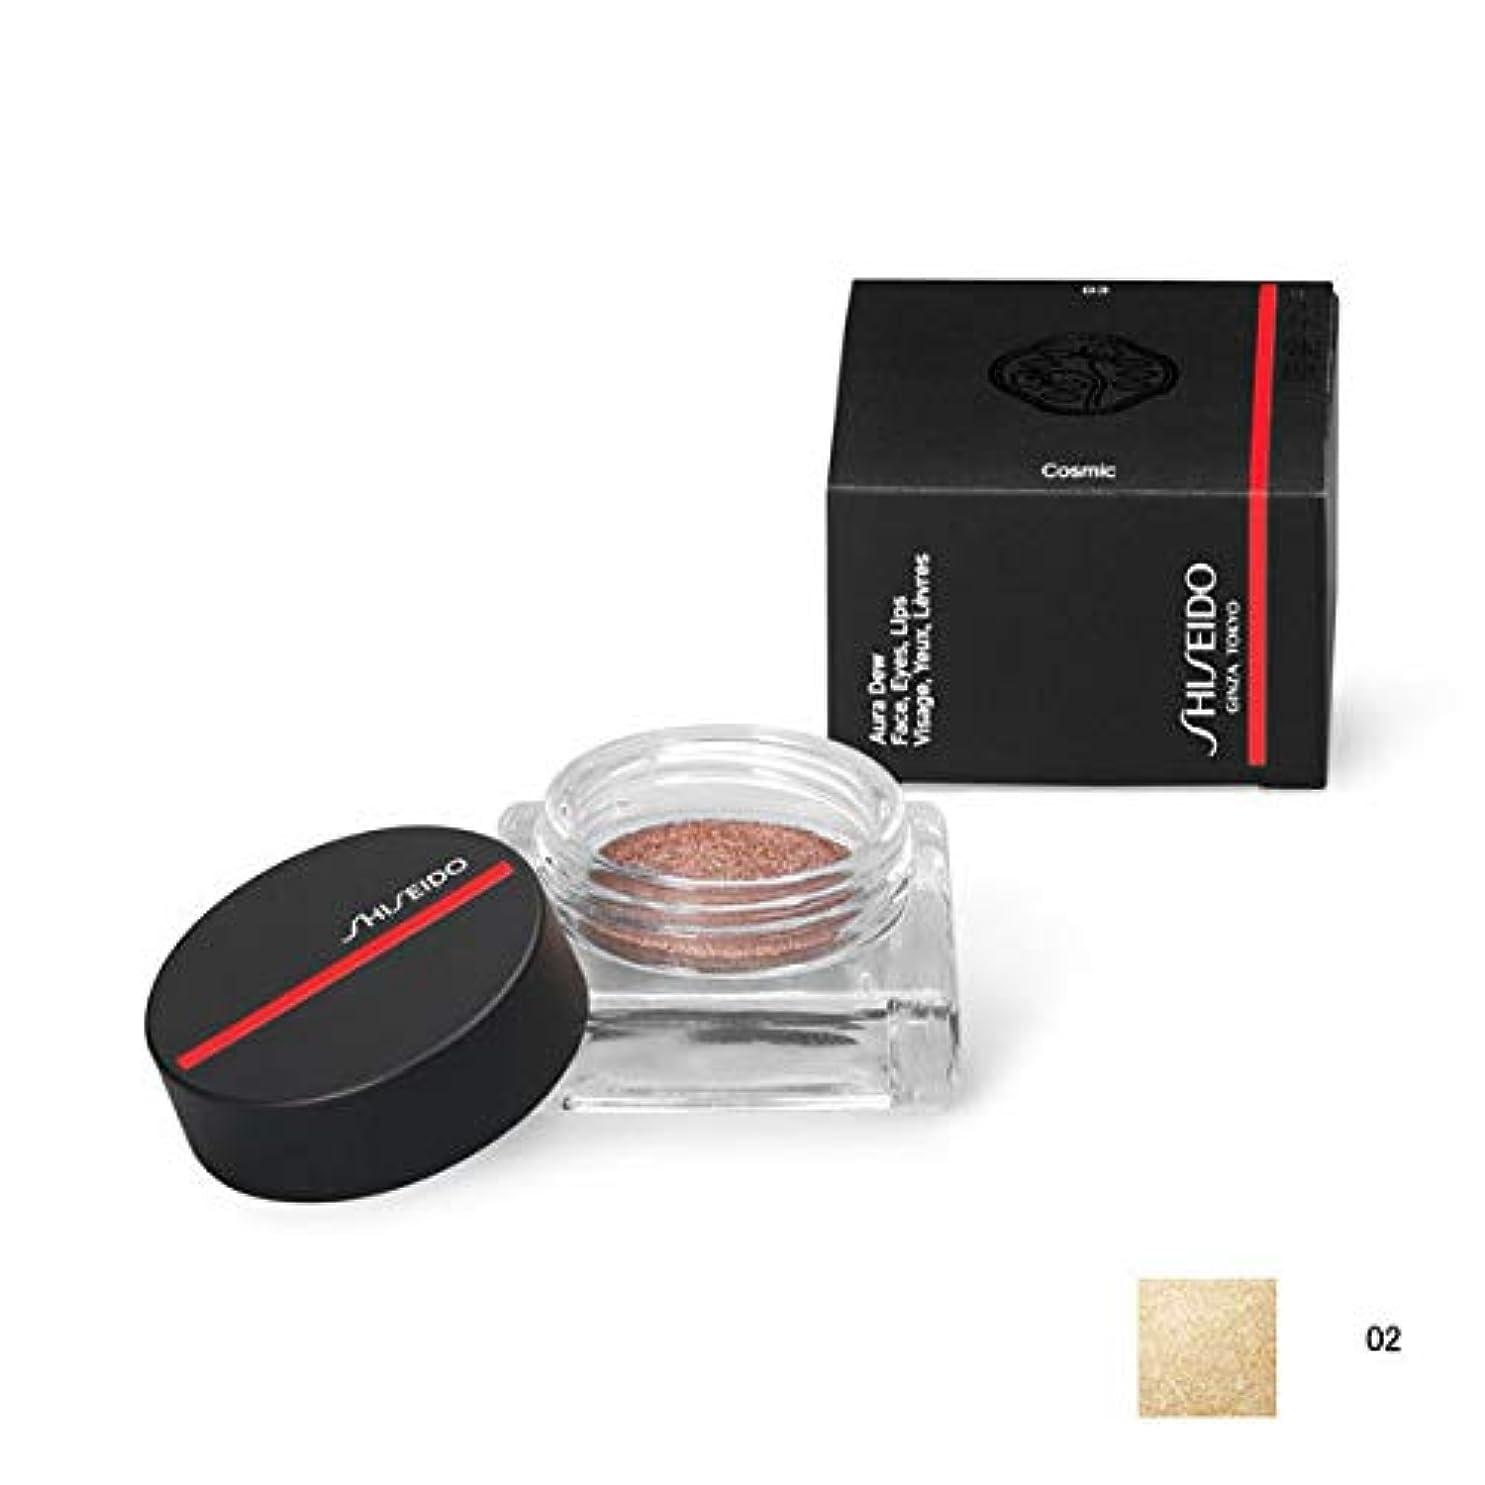 間隔実施する一杯SHISEIDO Makeup(資生堂 メーキャップ) SHISEIDO(資生堂) SHISEIDO オーラデュウ プリズム 4.8g (02)